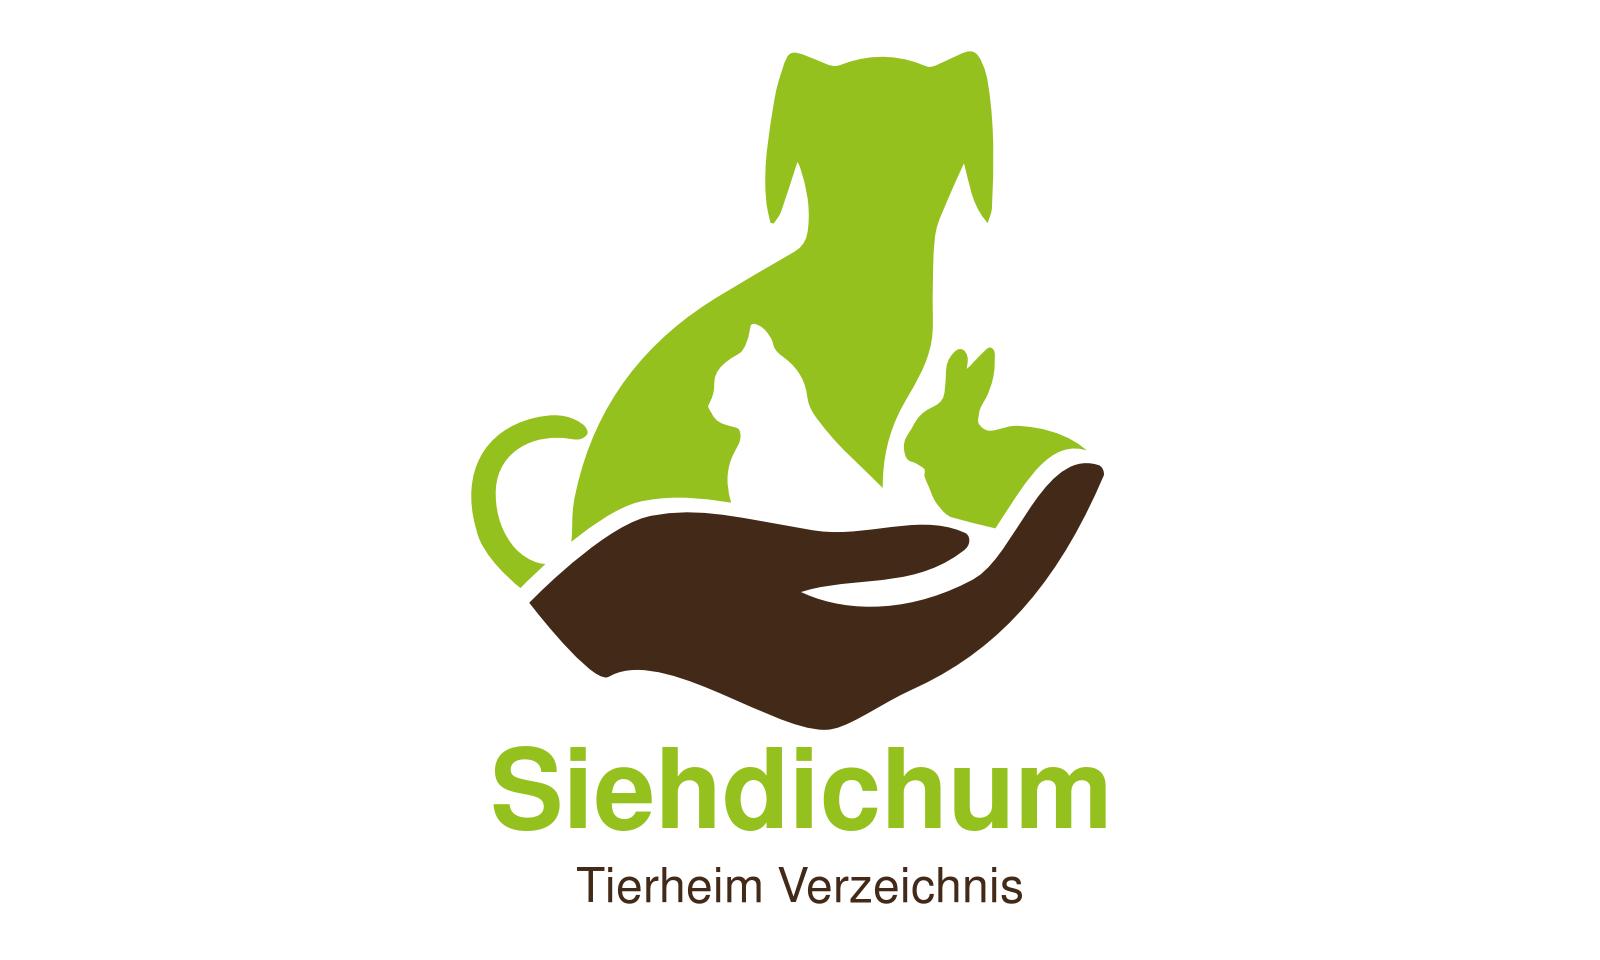 Tierheim Siehdichum